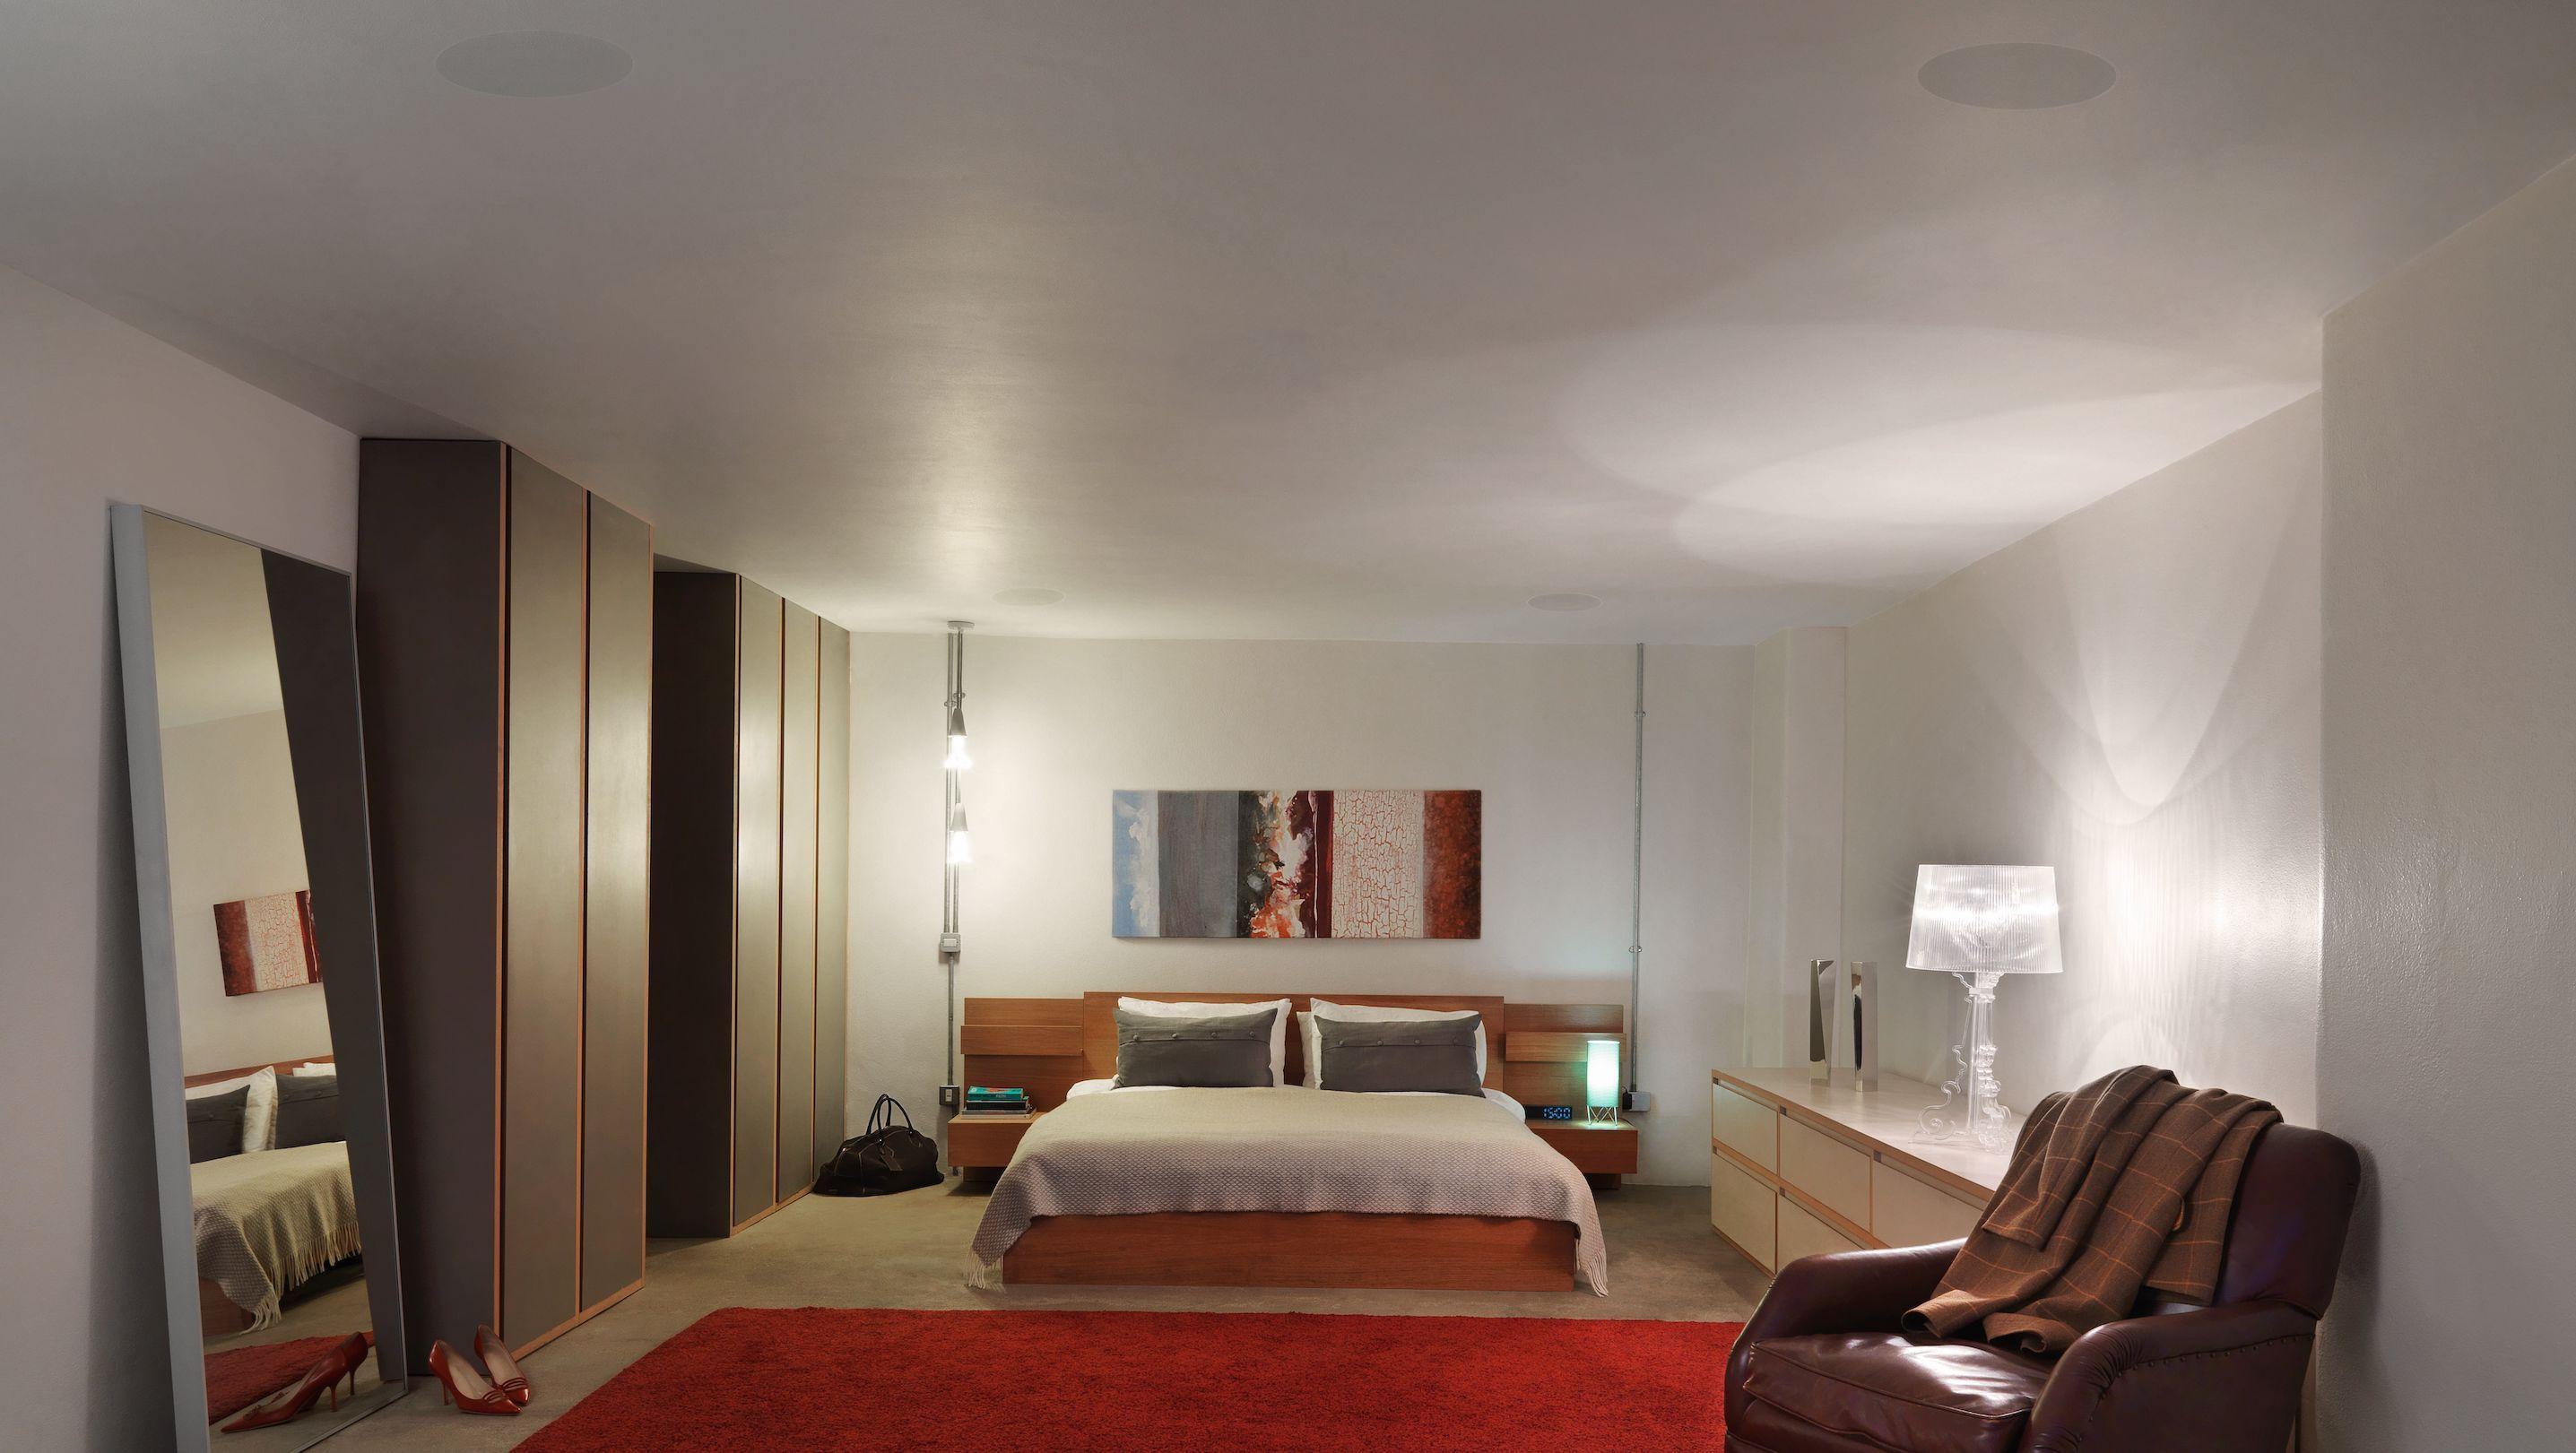 bowers-wilkins-ceiling-speakers-bedroom